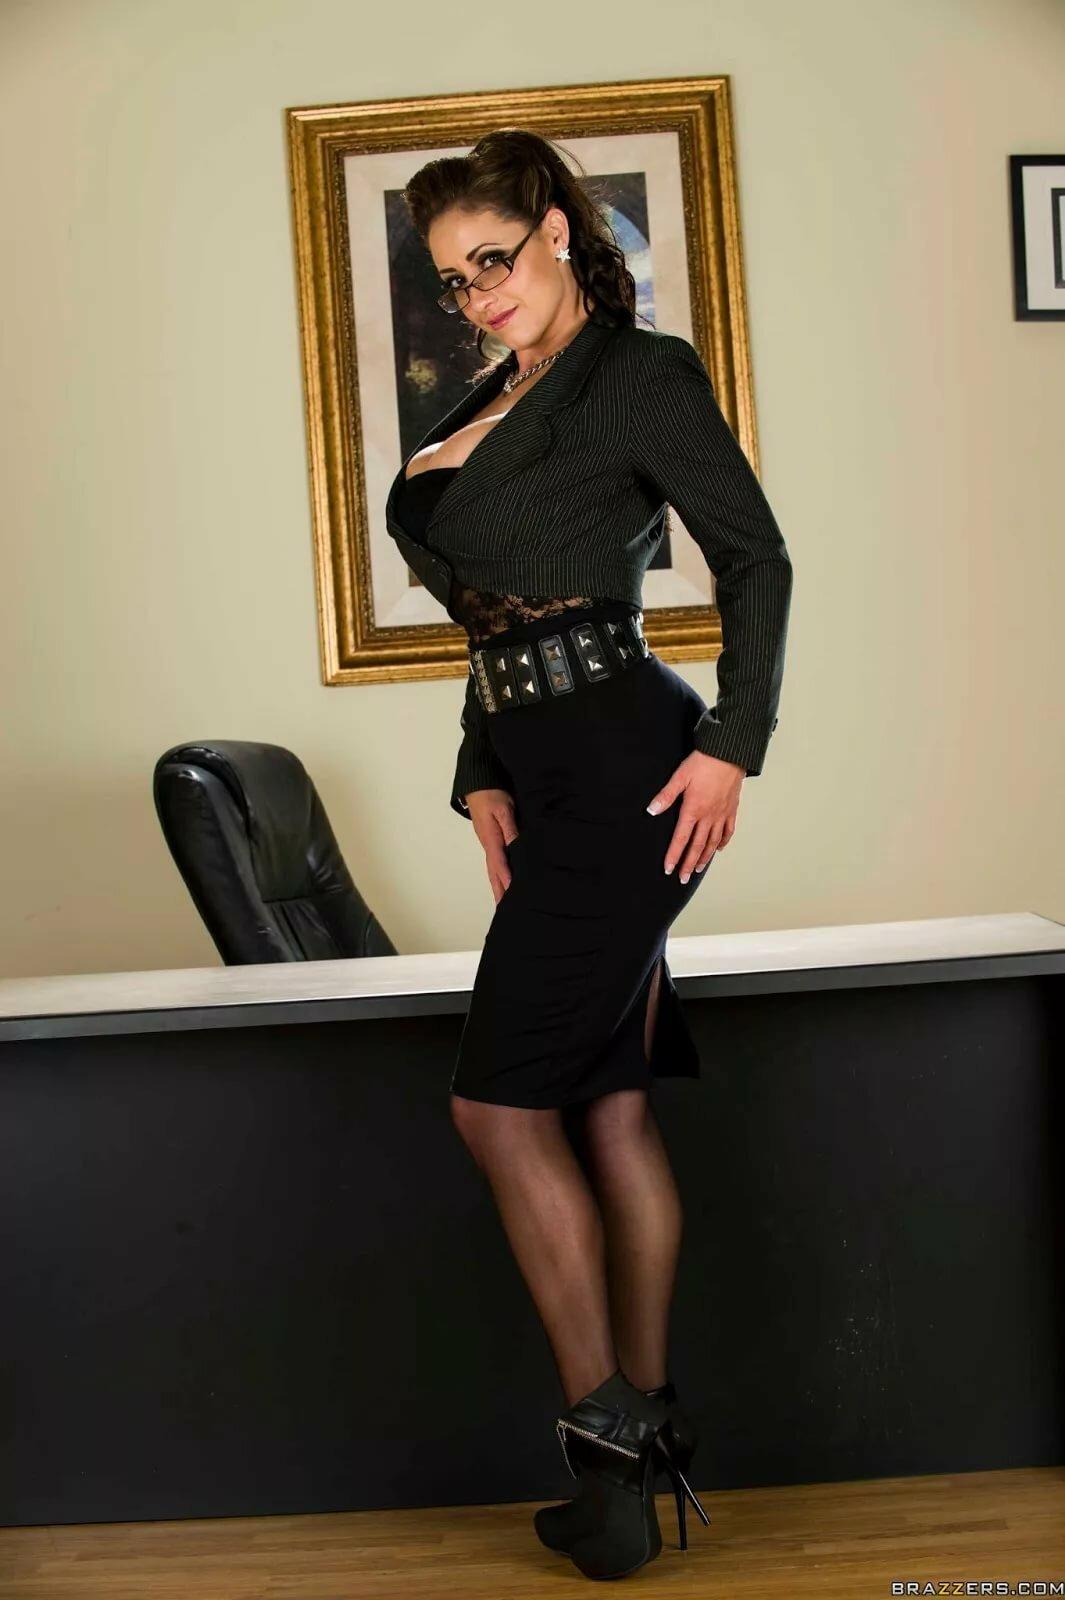 Фото марией фото девушек в длинной юбке в офисе с большой грудью